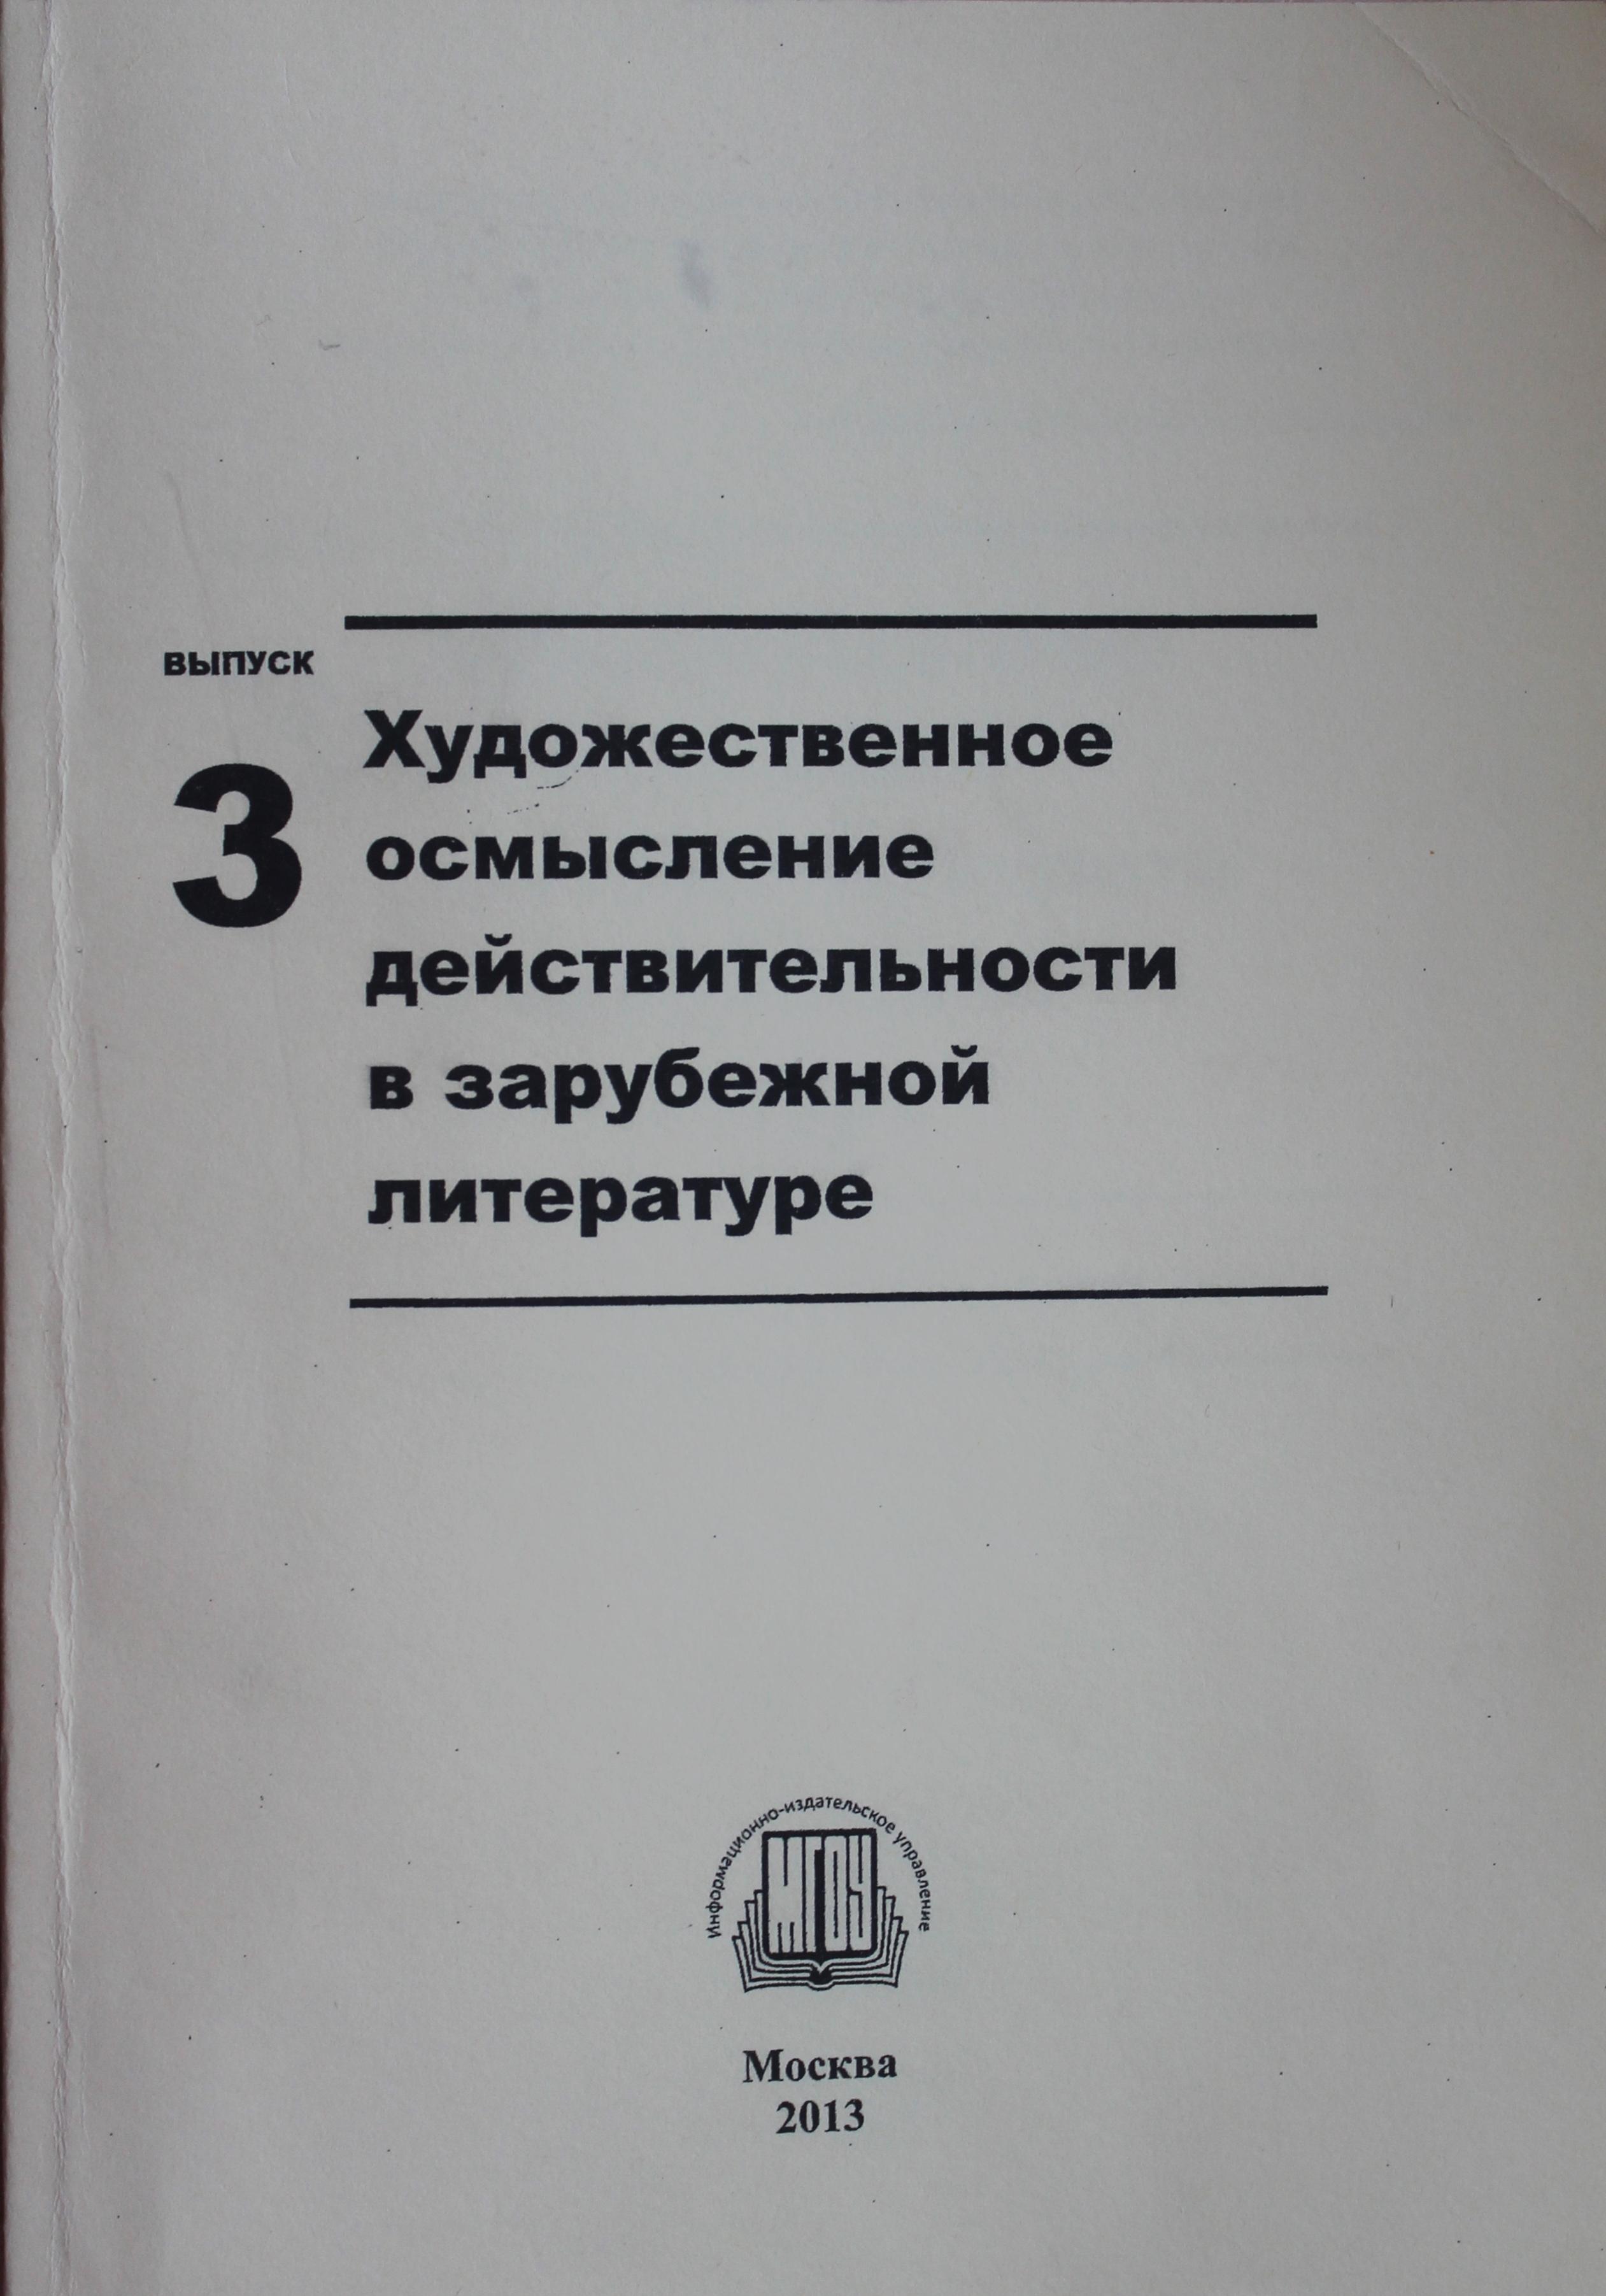 Художественное осмысление действительности в зарубежной литературе: межвузовский сб. науч. тр.